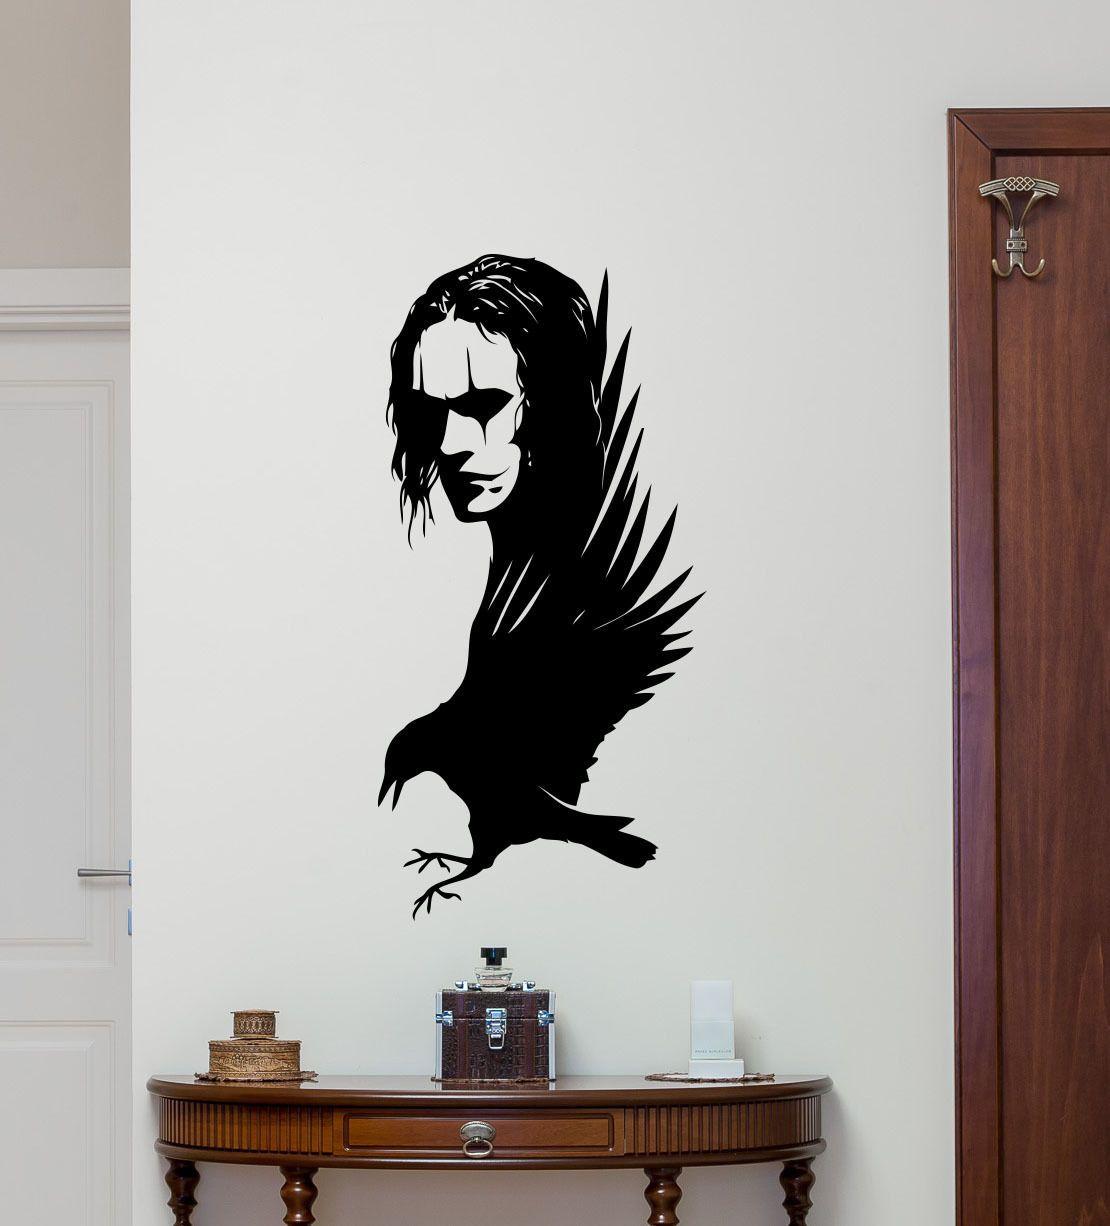 La Corneille Sticker Brandon Lee Film Vinyle Autocollant Affiche Home Decor Art Décorations Salon Amovible Murale E574